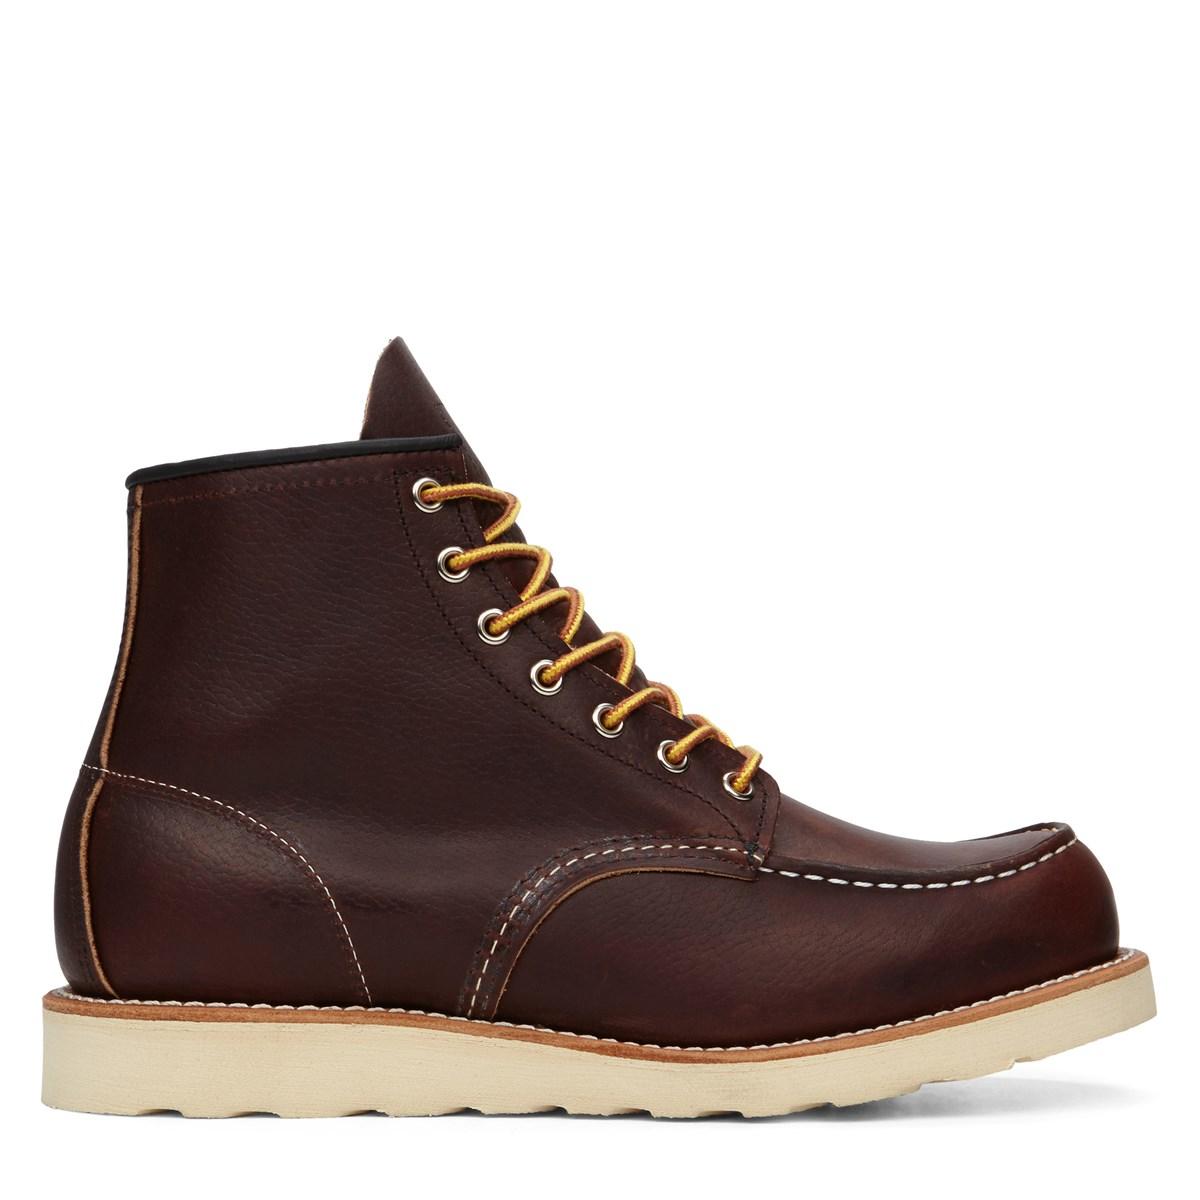 Bottes 6 Moc classiques en cuir brun pour hommes